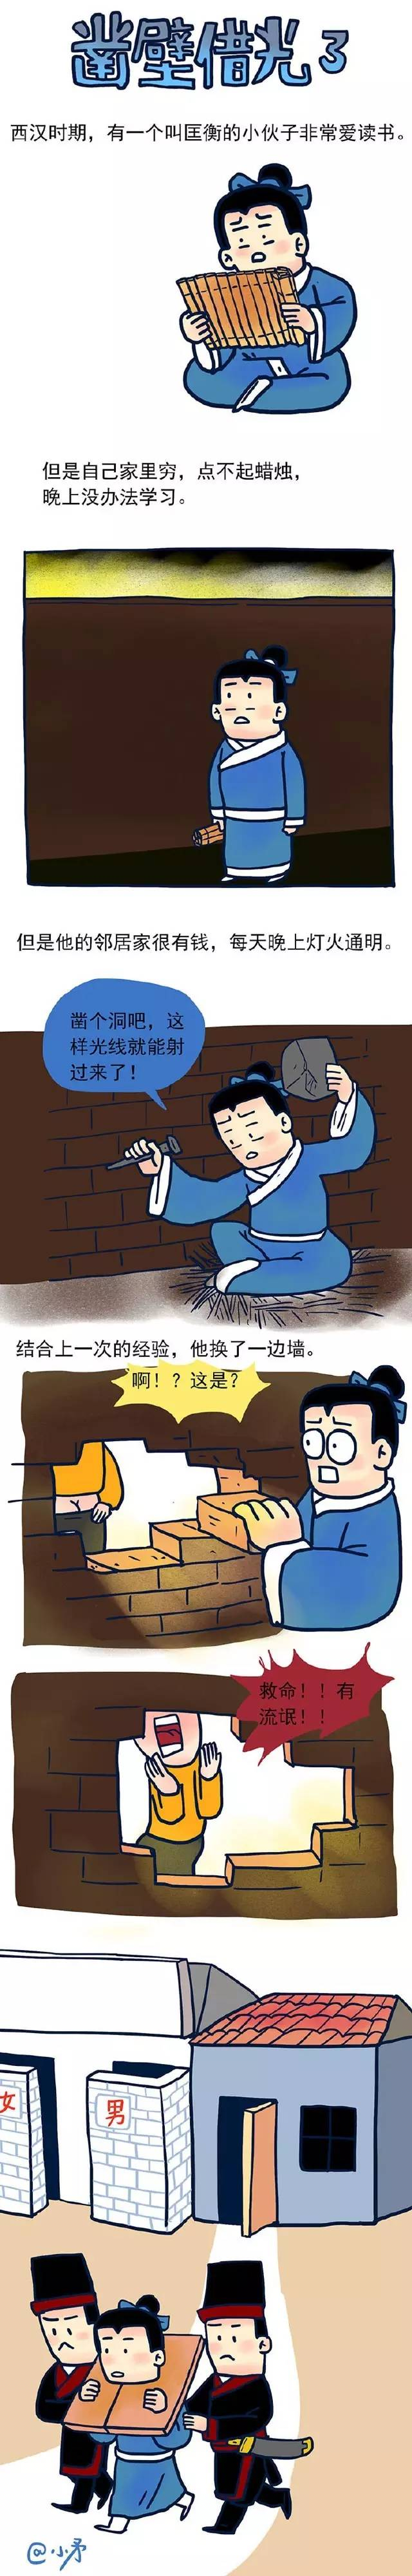 小矛毁童年之凿壁借光的故事[18P]